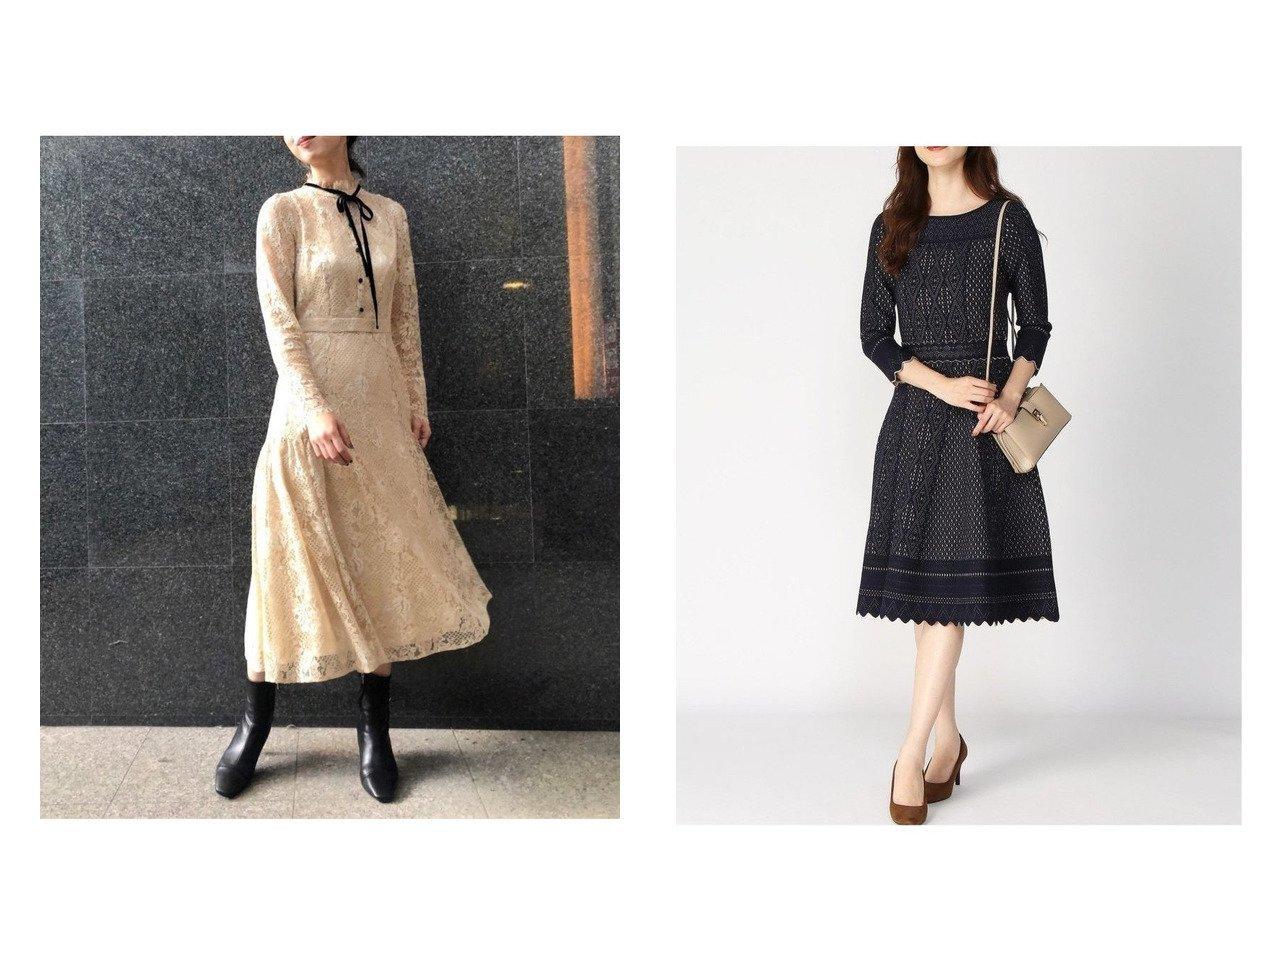 【ANAYI/アナイ】のバイカラーレースジャガードフレアOP&【CELFORD/セルフォード】のボウタイレースワンピース ワンピース・ドレスのおすすめ!人気、トレンド・レディースファッションの通販  おすすめで人気の流行・トレンド、ファッションの通販商品 メンズファッション・キッズファッション・インテリア・家具・レディースファッション・服の通販 founy(ファニー) https://founy.com/ ファッション Fashion レディースファッション WOMEN ワンピース Dress コンパクト サテン フィット フレア フロント ベロア レース スカラップ ストレッチ 長袖 |ID:crp329100000010205